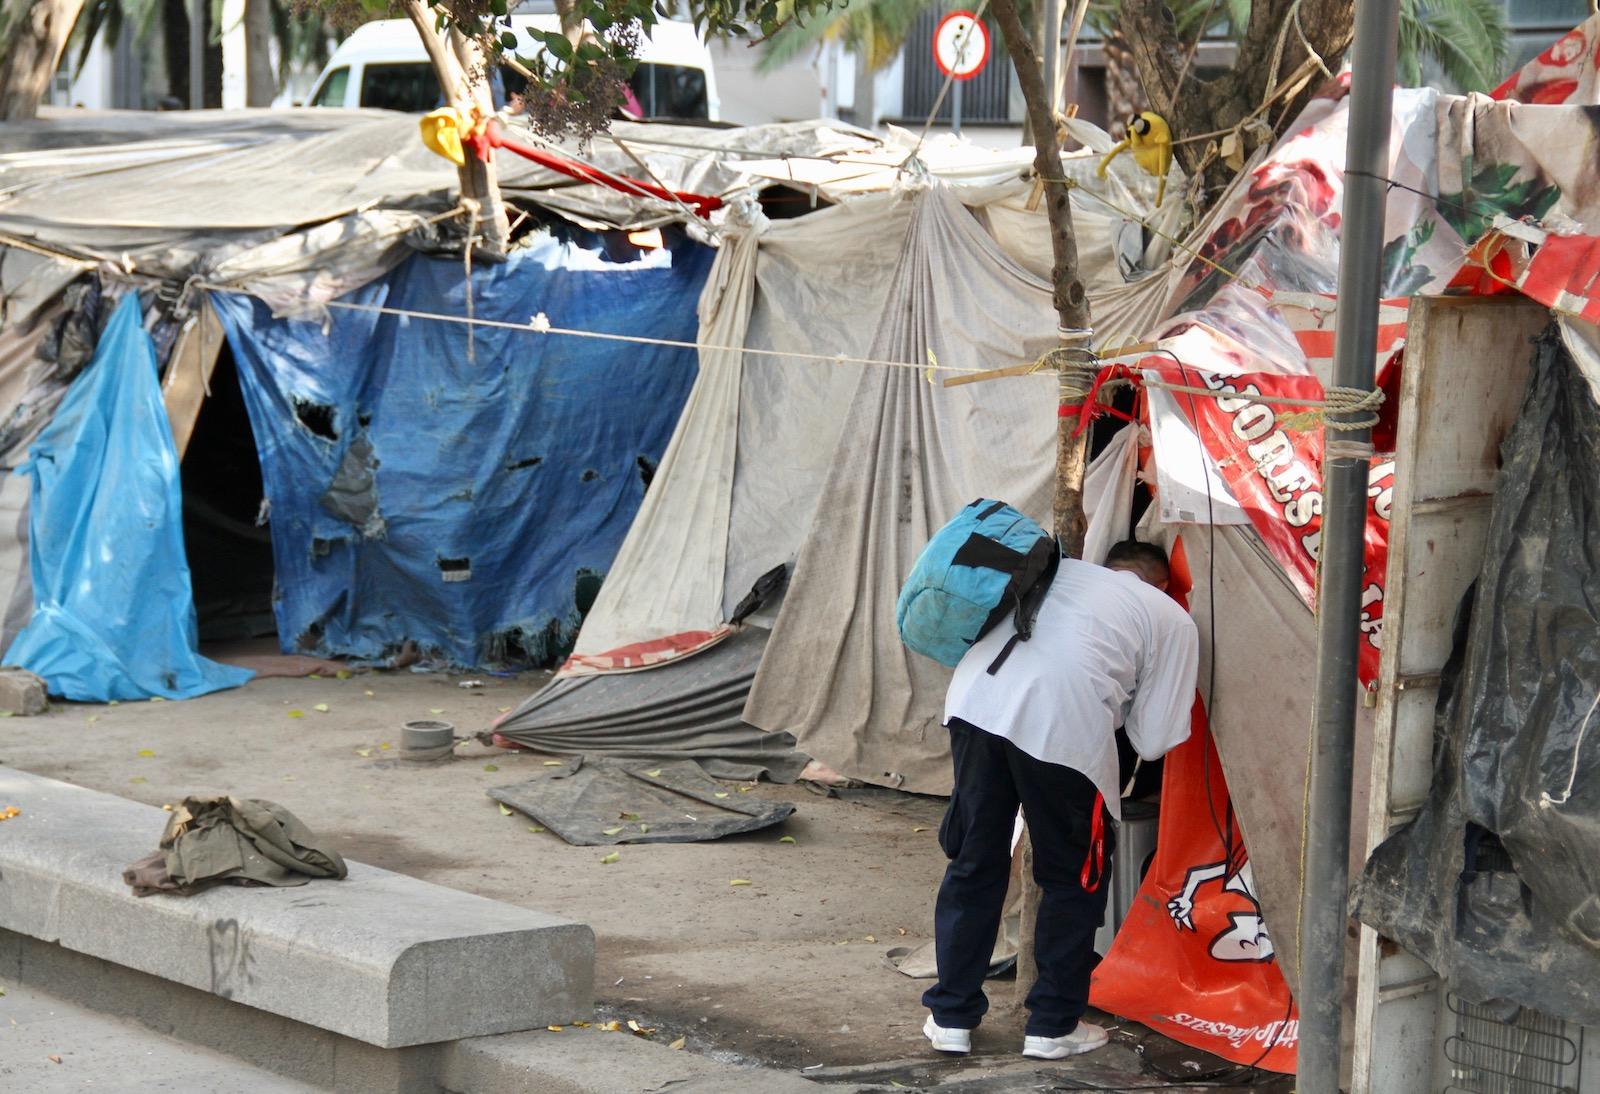 Armando V, deportado de Anaheim, visita el campamento de desamparados donde vivió mucho tiempo.